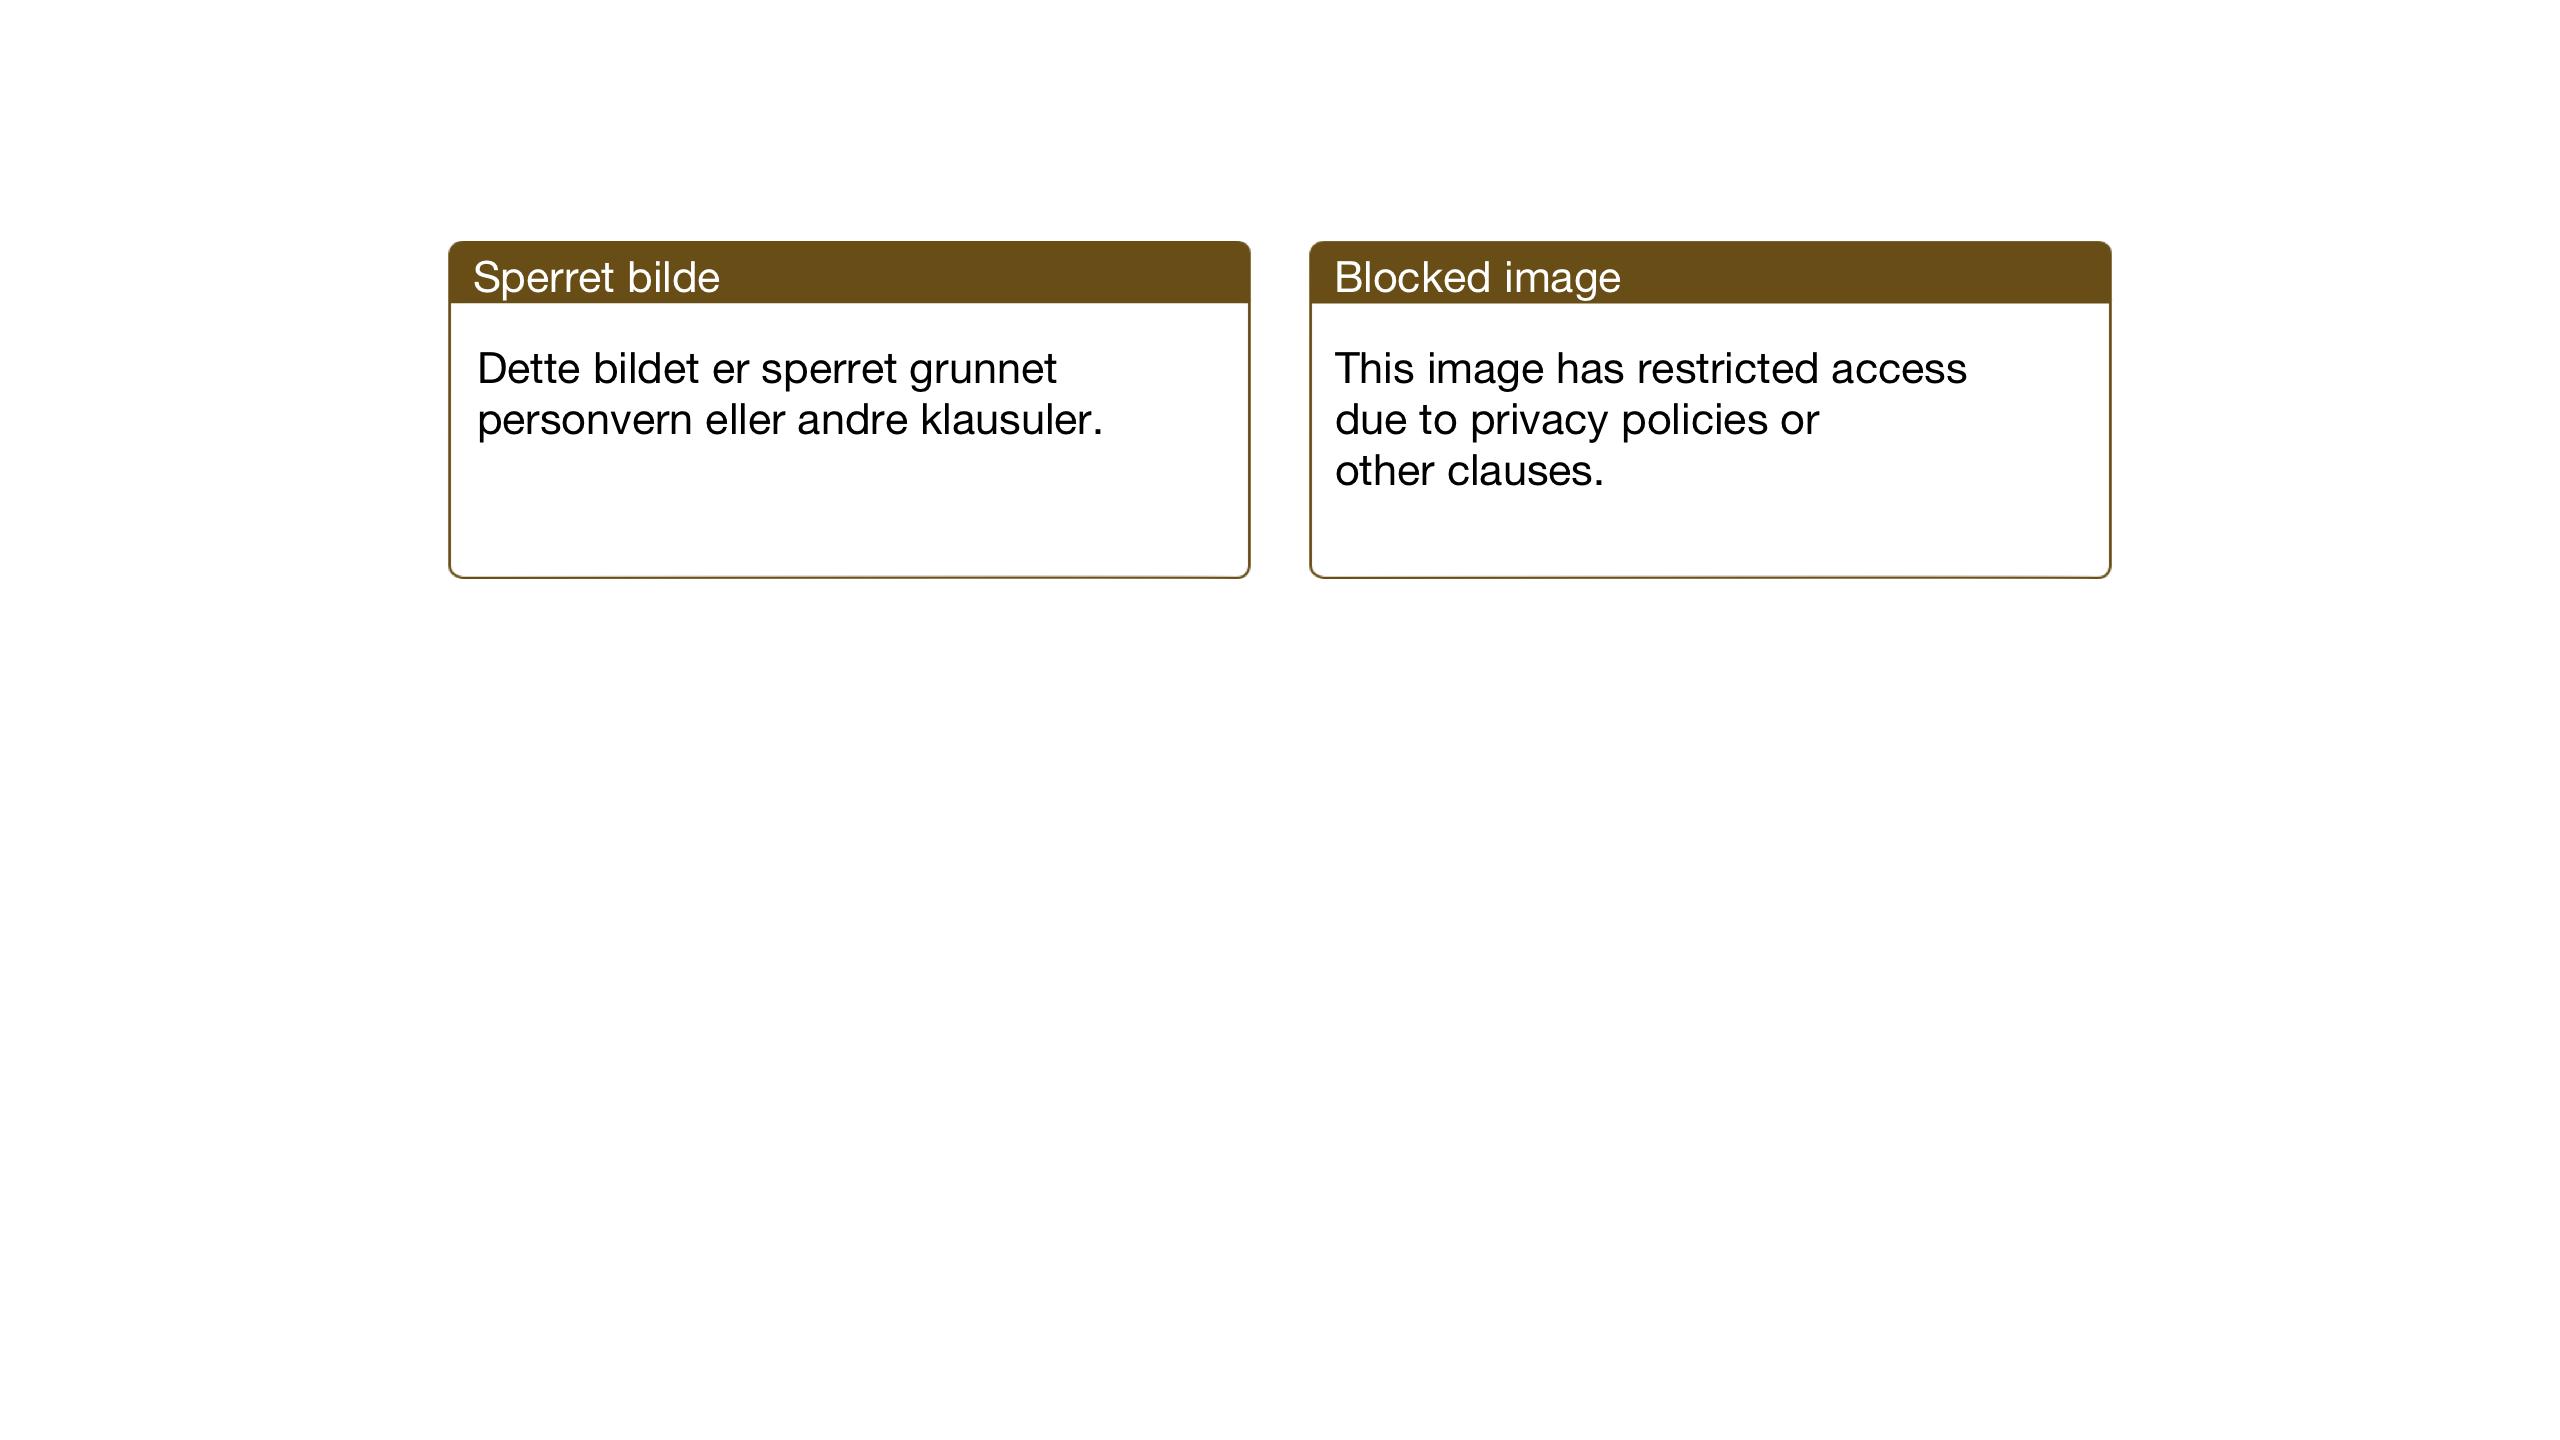 SAT, Ministerialprotokoller, klokkerbøker og fødselsregistre - Nord-Trøndelag, 770/L0592: Klokkerbok nr. 770C03, 1941-1950, s. 52